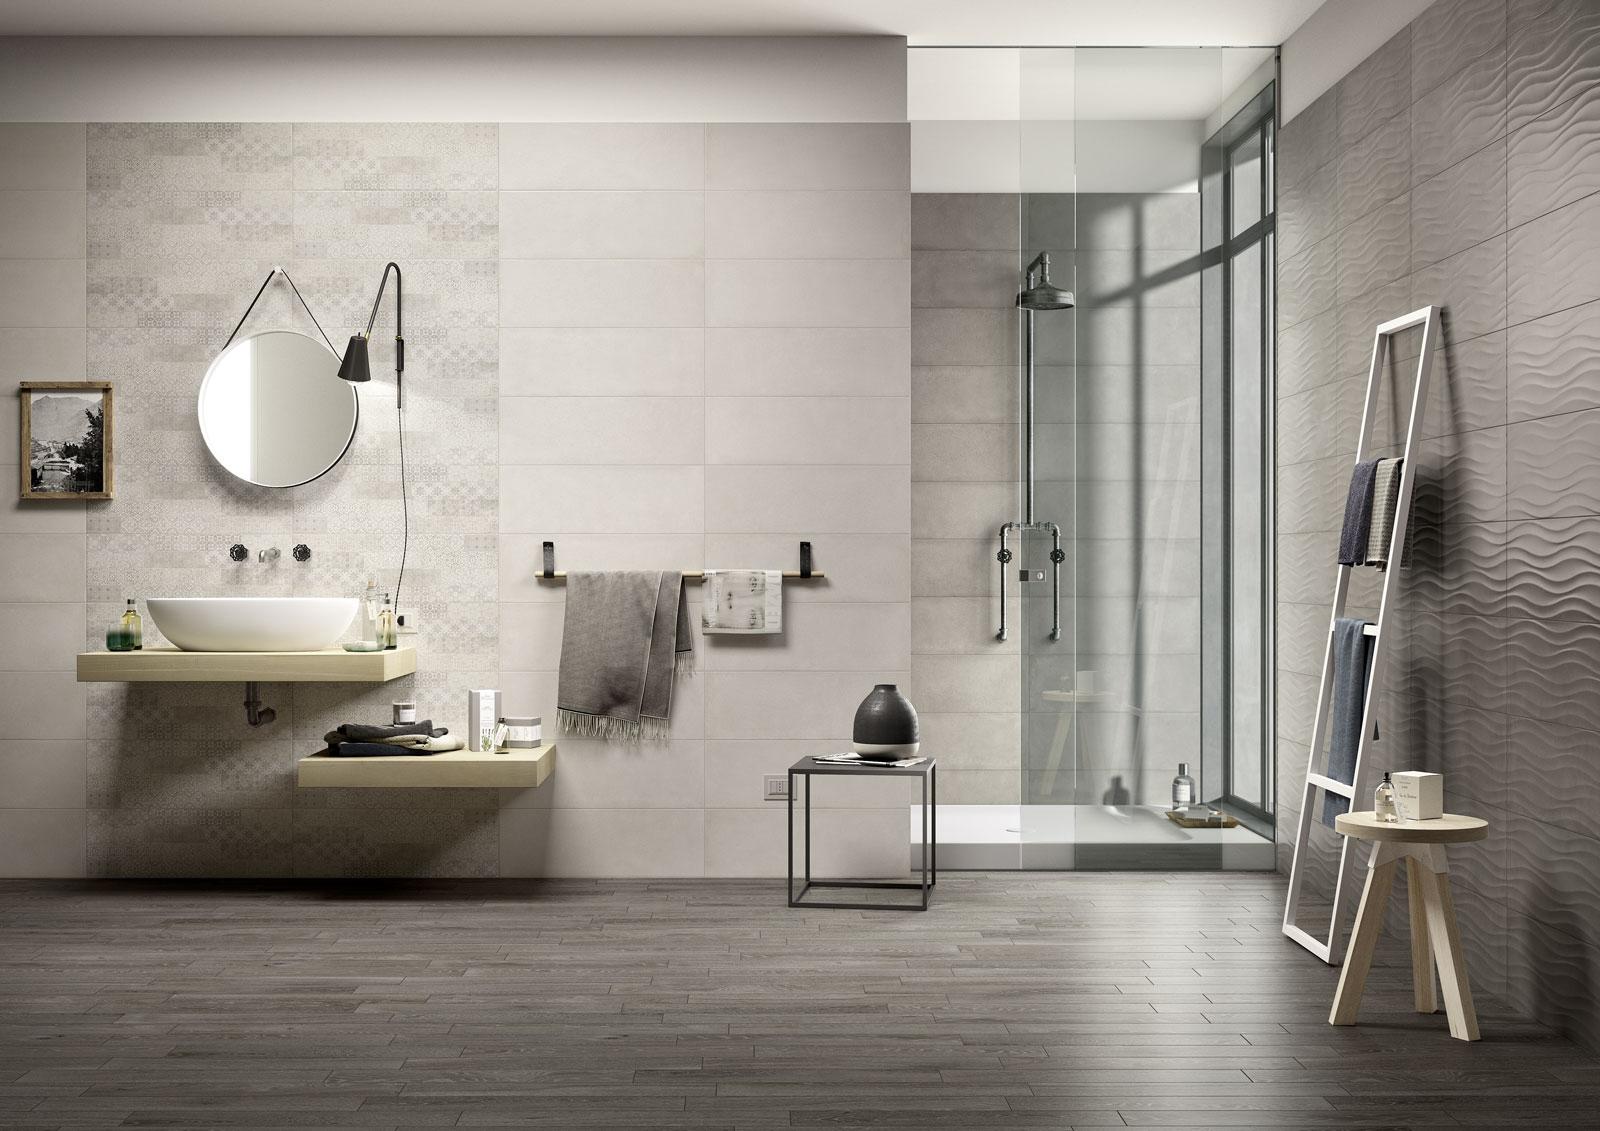 Carrelage salle de bain c ramique et gr s c rame marazzi for Carreaux ceramique salle de bain